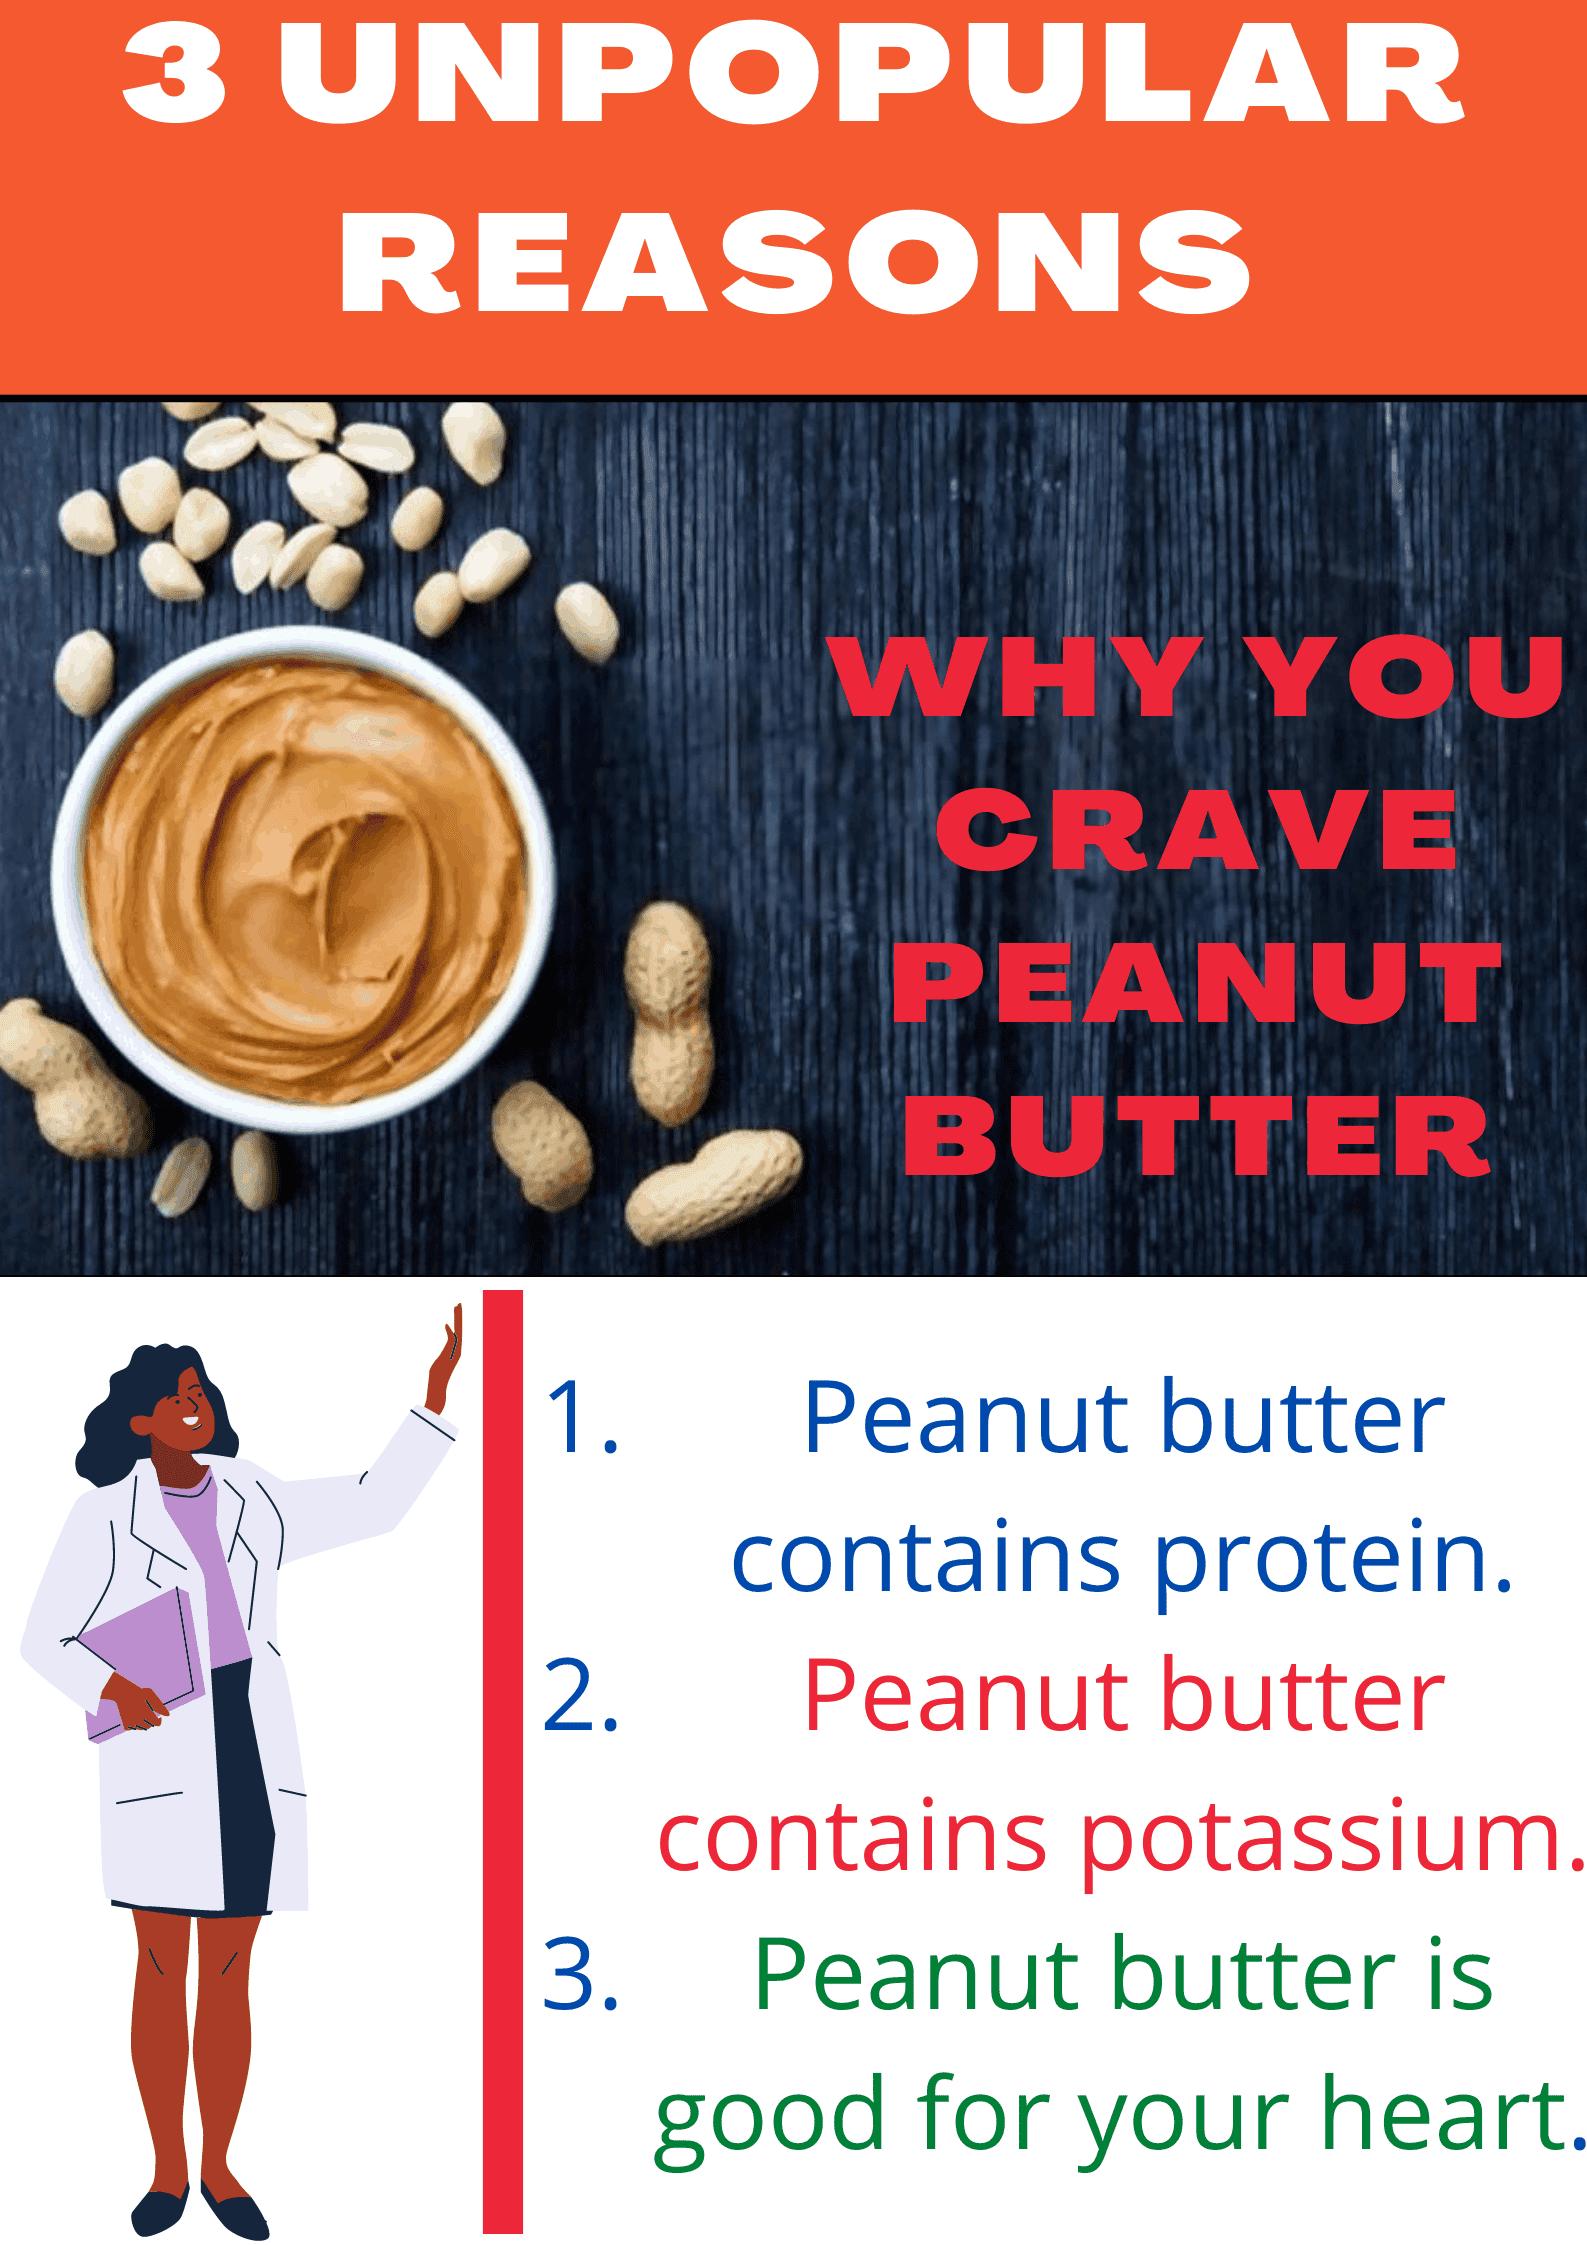 crave peanut butter